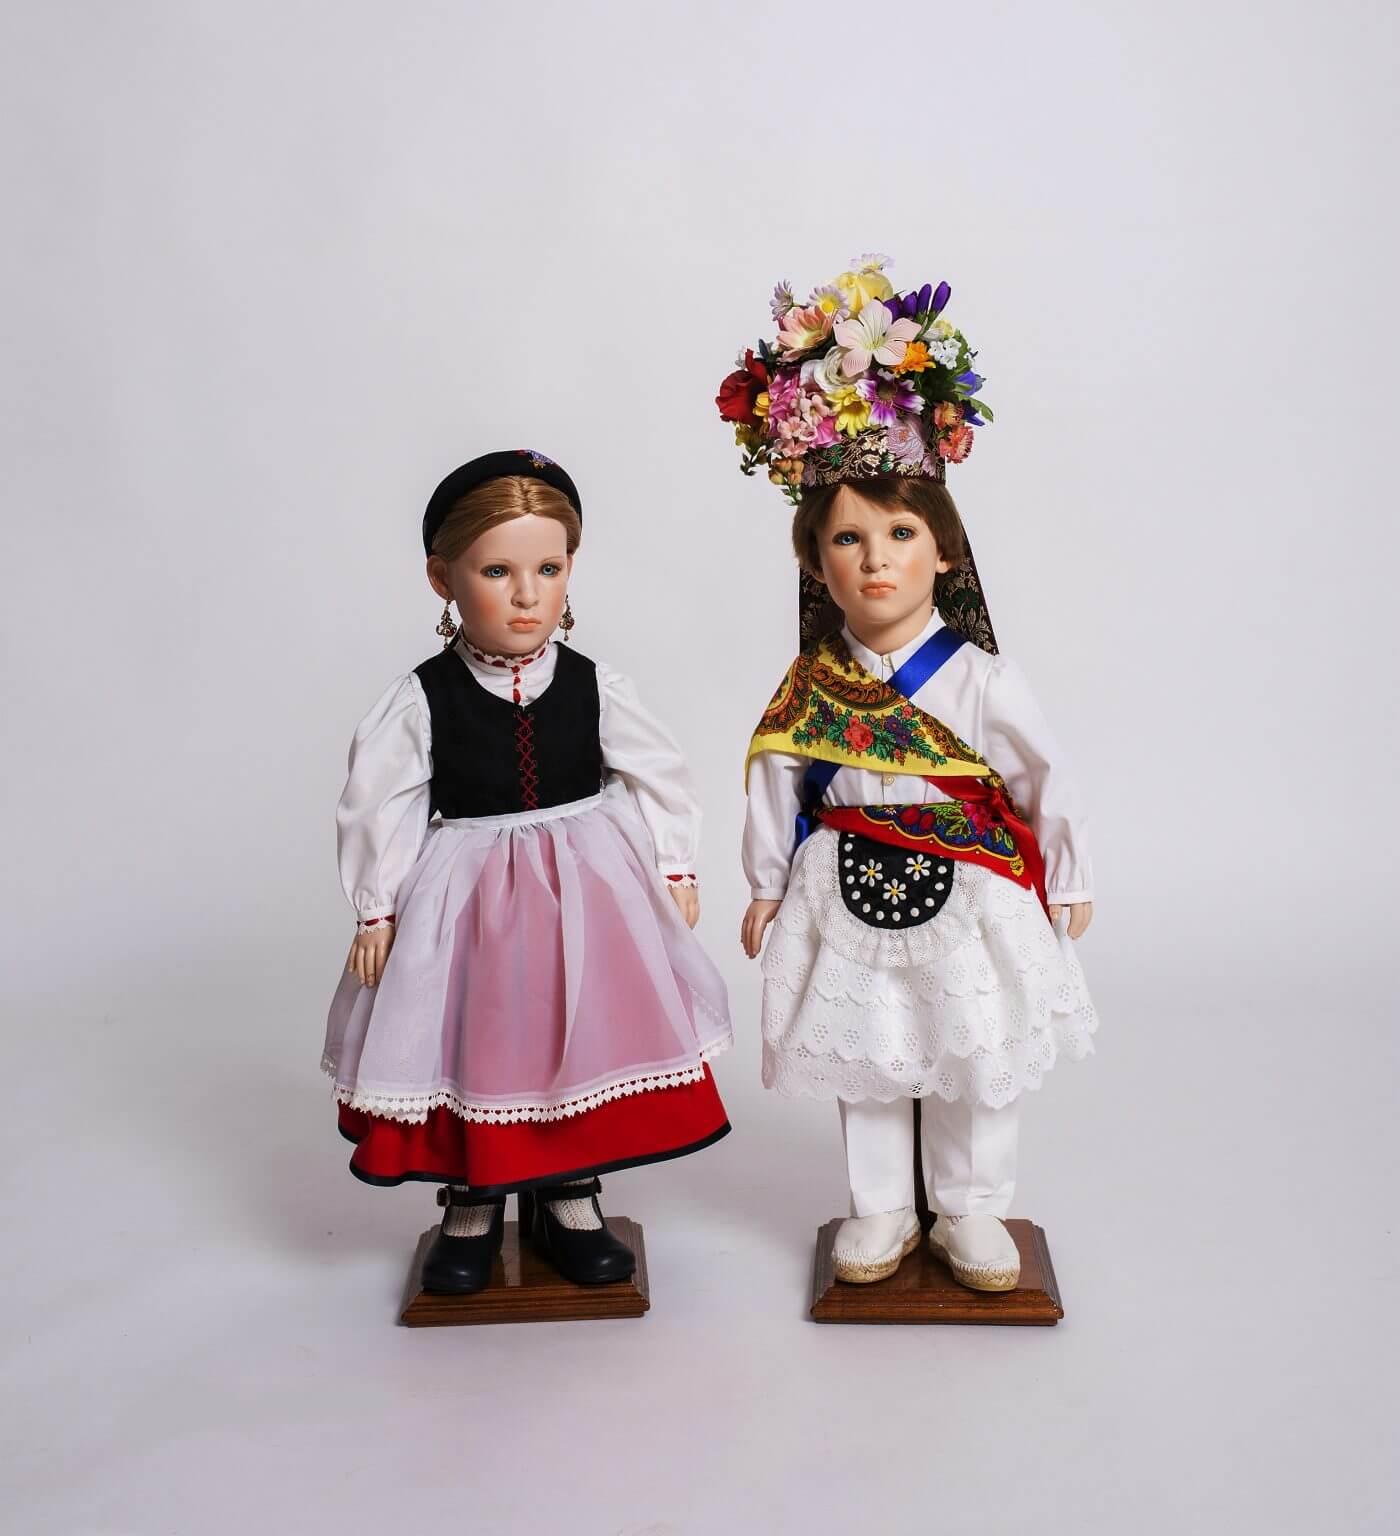 El Museo de la Romanización de Calahorra acoge una exposición sobre indumentaria tradicional de La Rioja